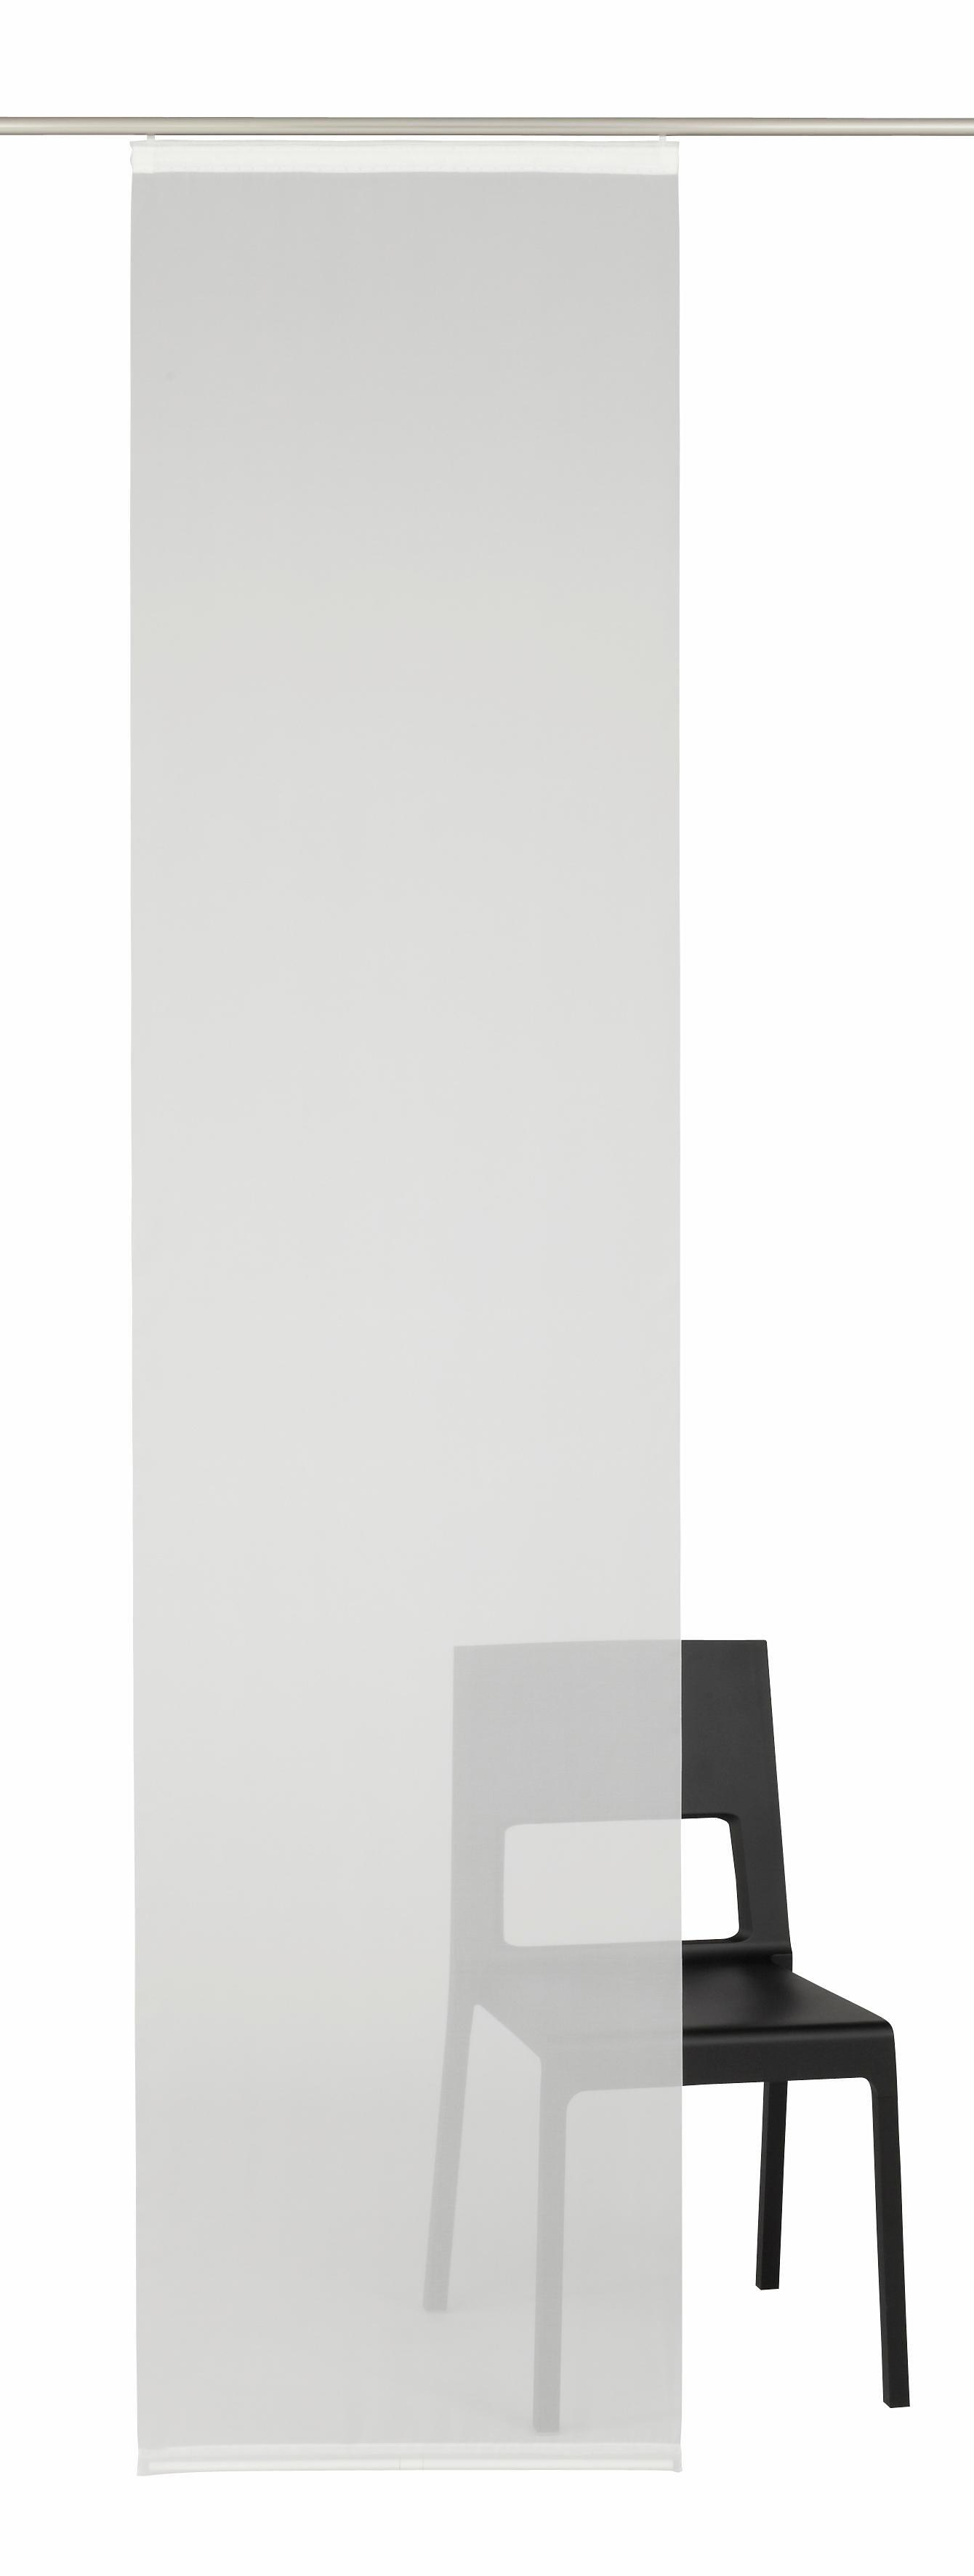 Op zoek naar een Neutex for you! paneelgordijn Rona-uni Zonder montagemateriaal, breedte 57 cm (1 stuk)? Koop online bij OTTO